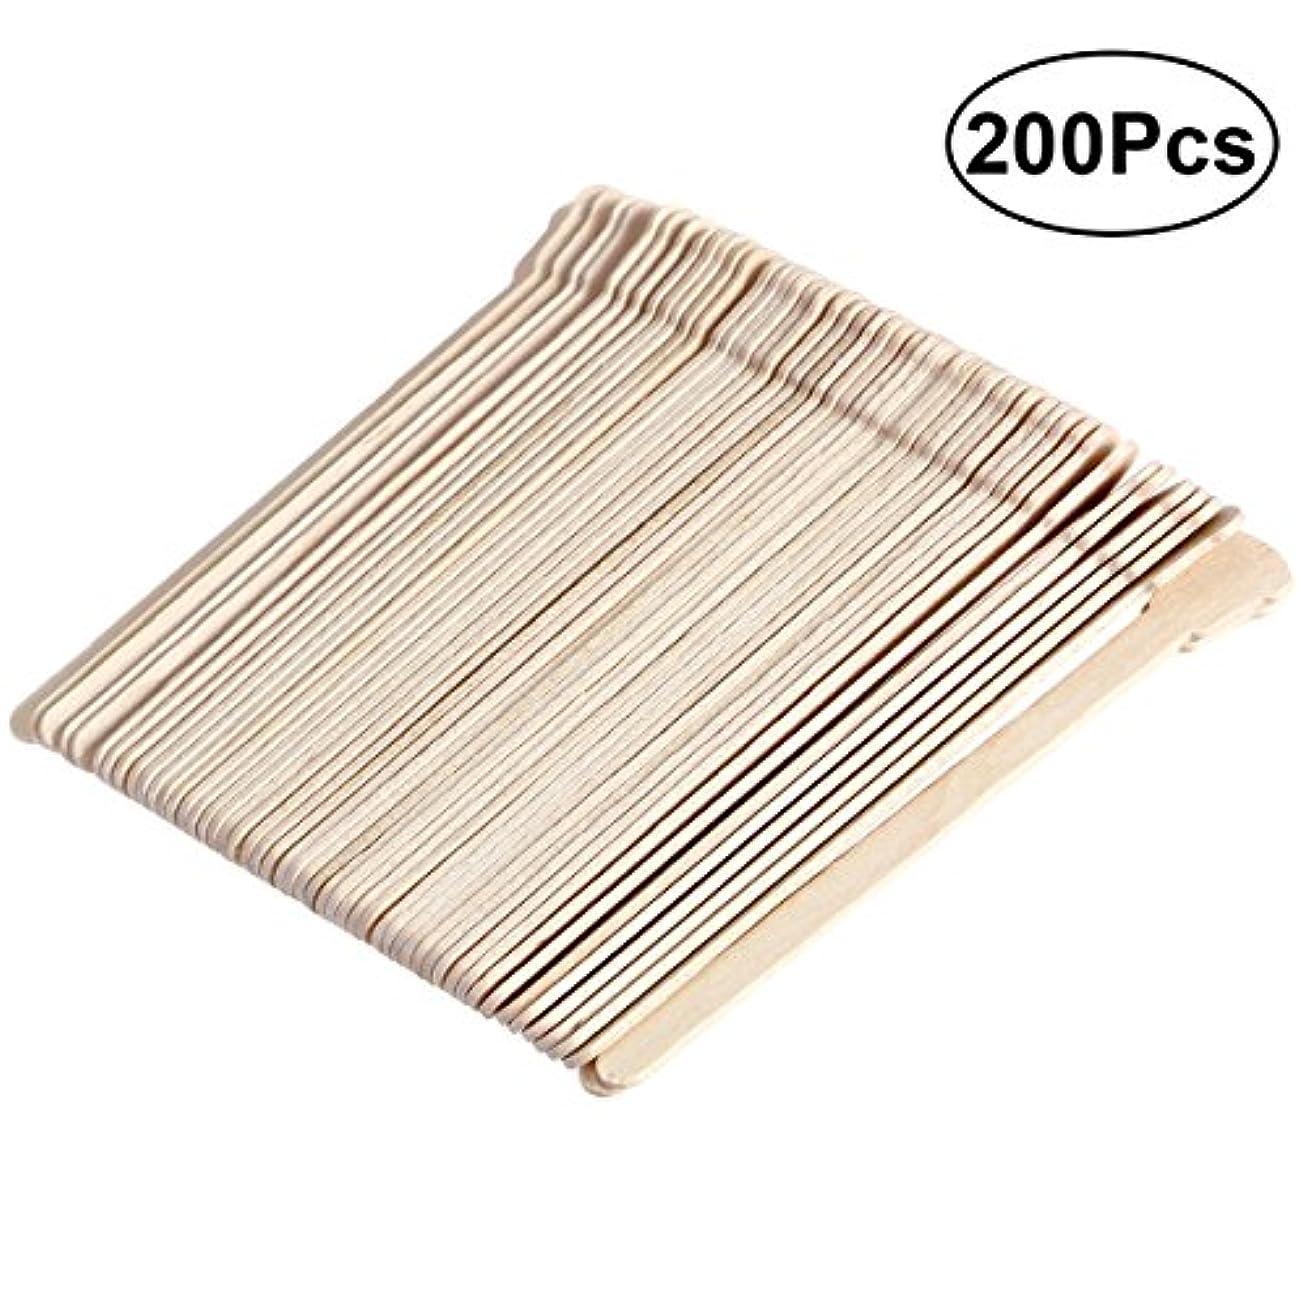 隠ウェブ反映するSUPVOX 200ピース木製ワックススティックフェイス眉毛ワックスへら脱毛(オリジナル木製色)